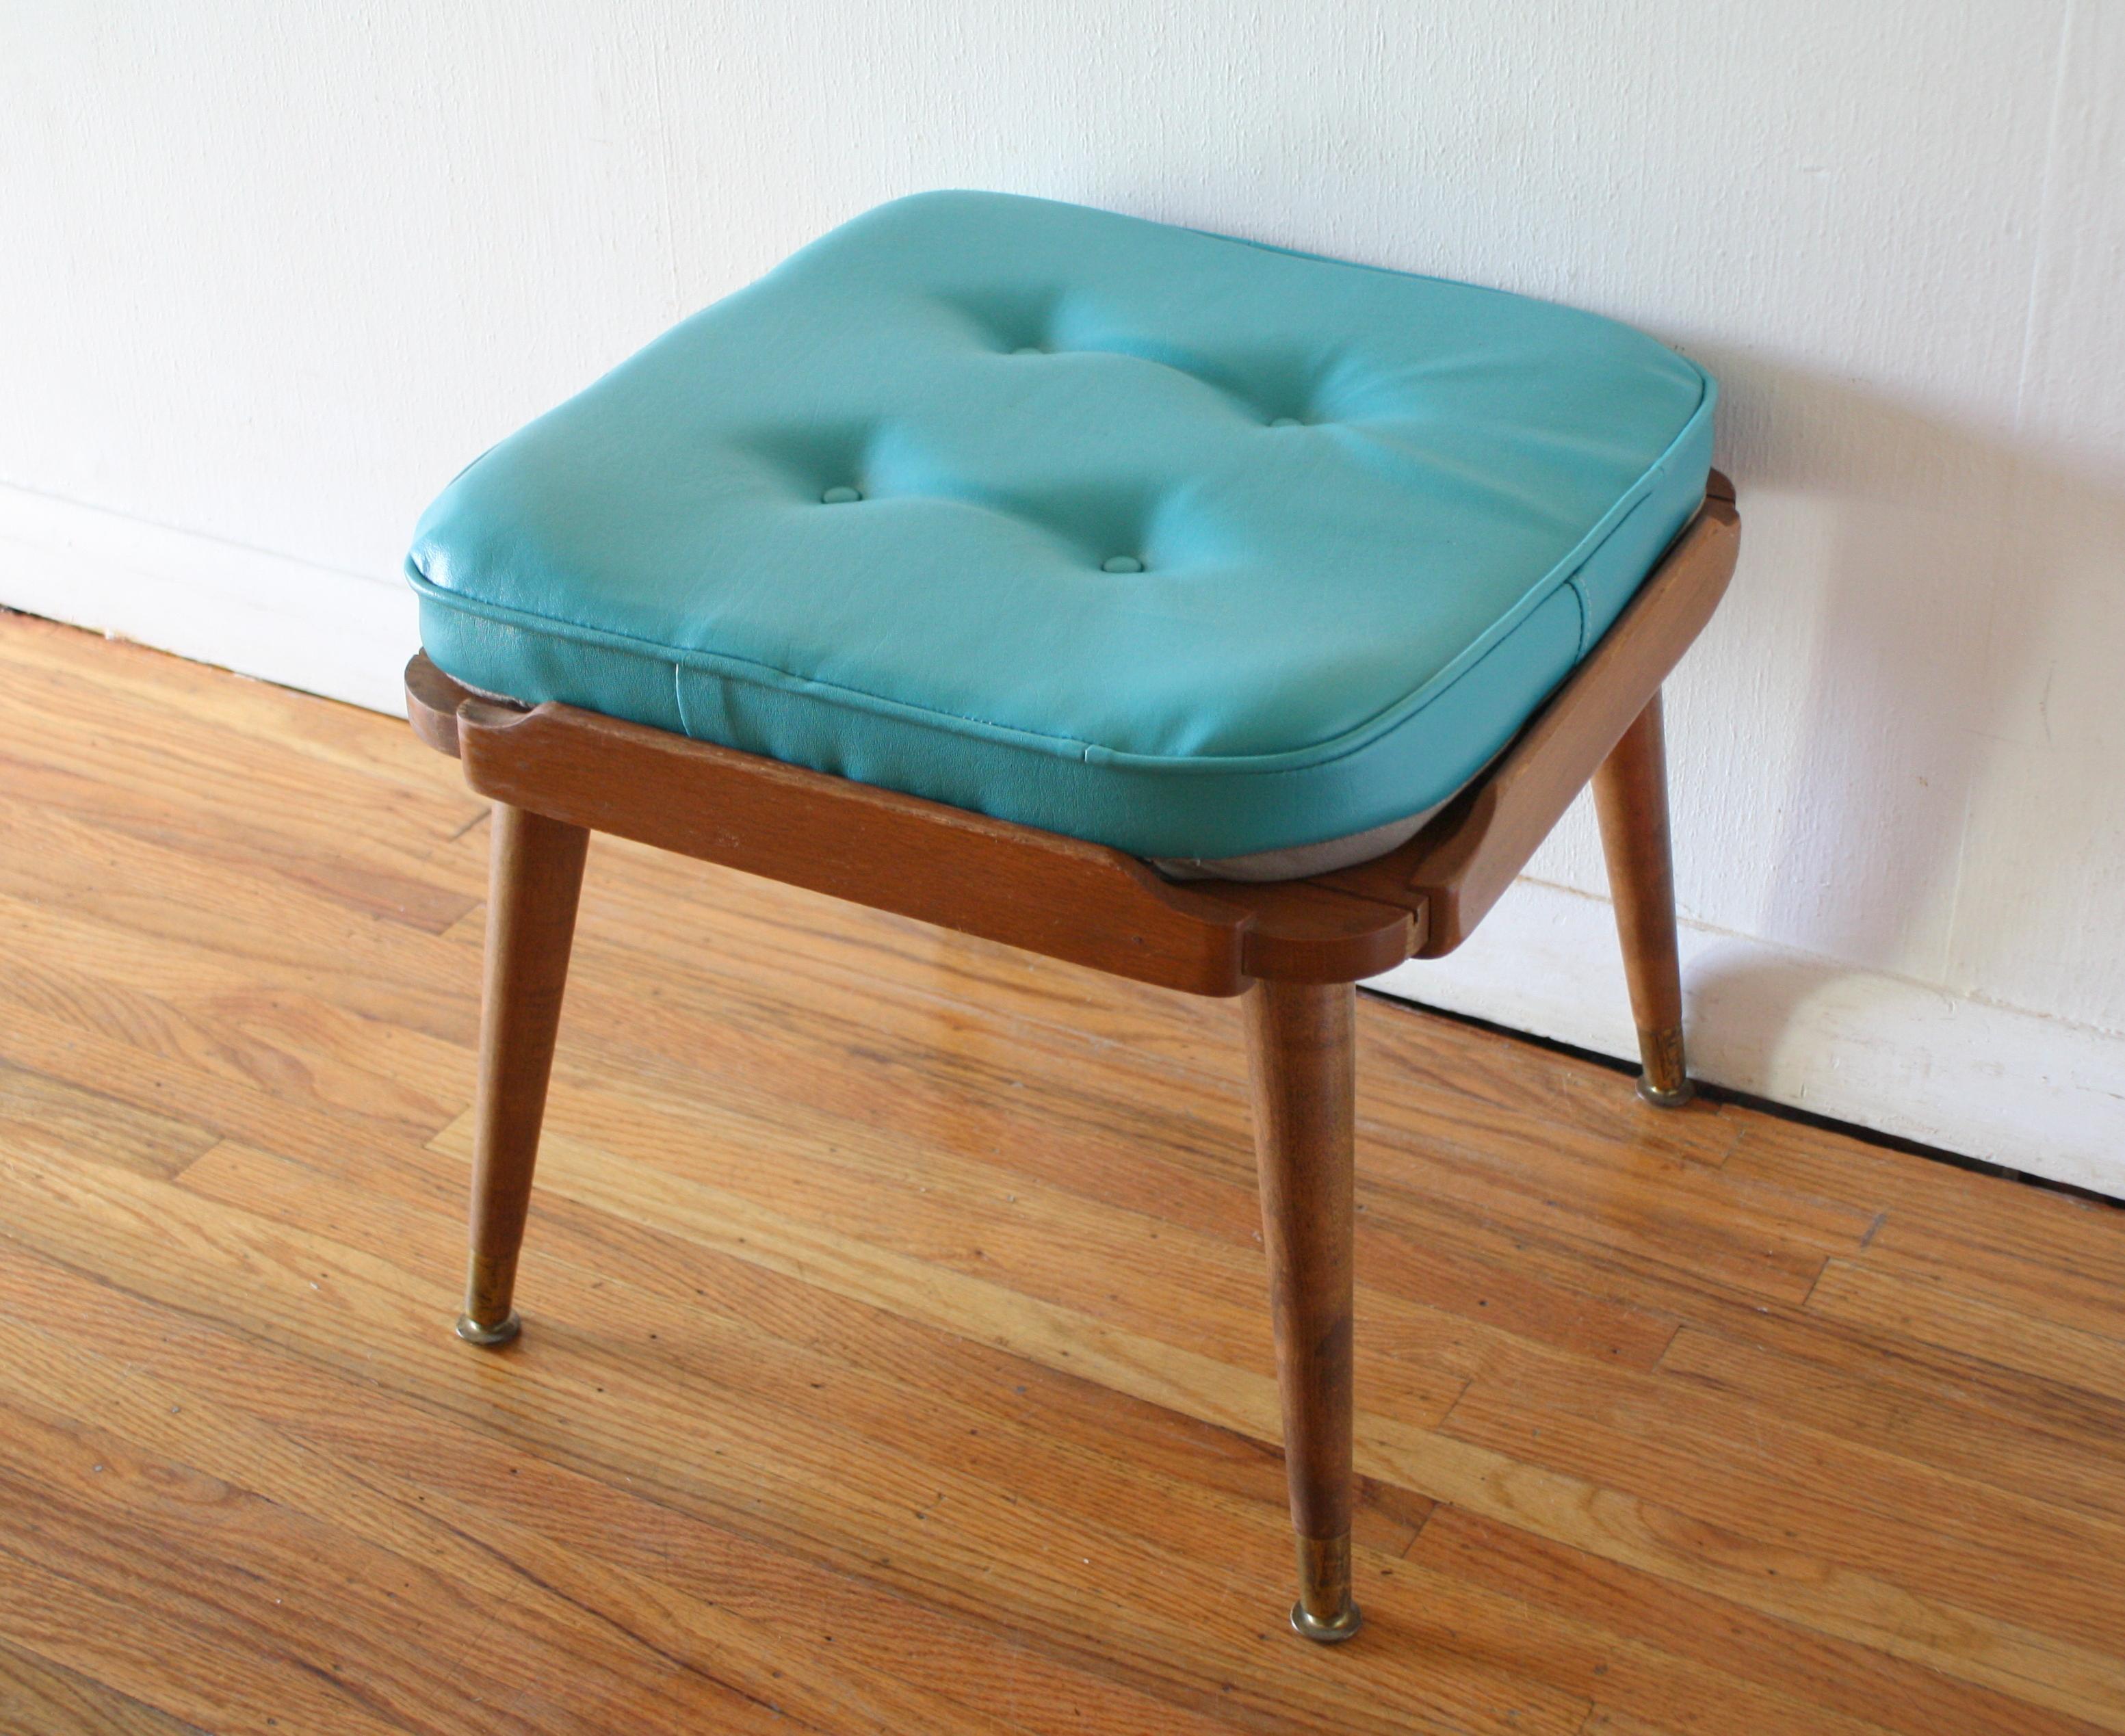 Turquoise Ottman 1